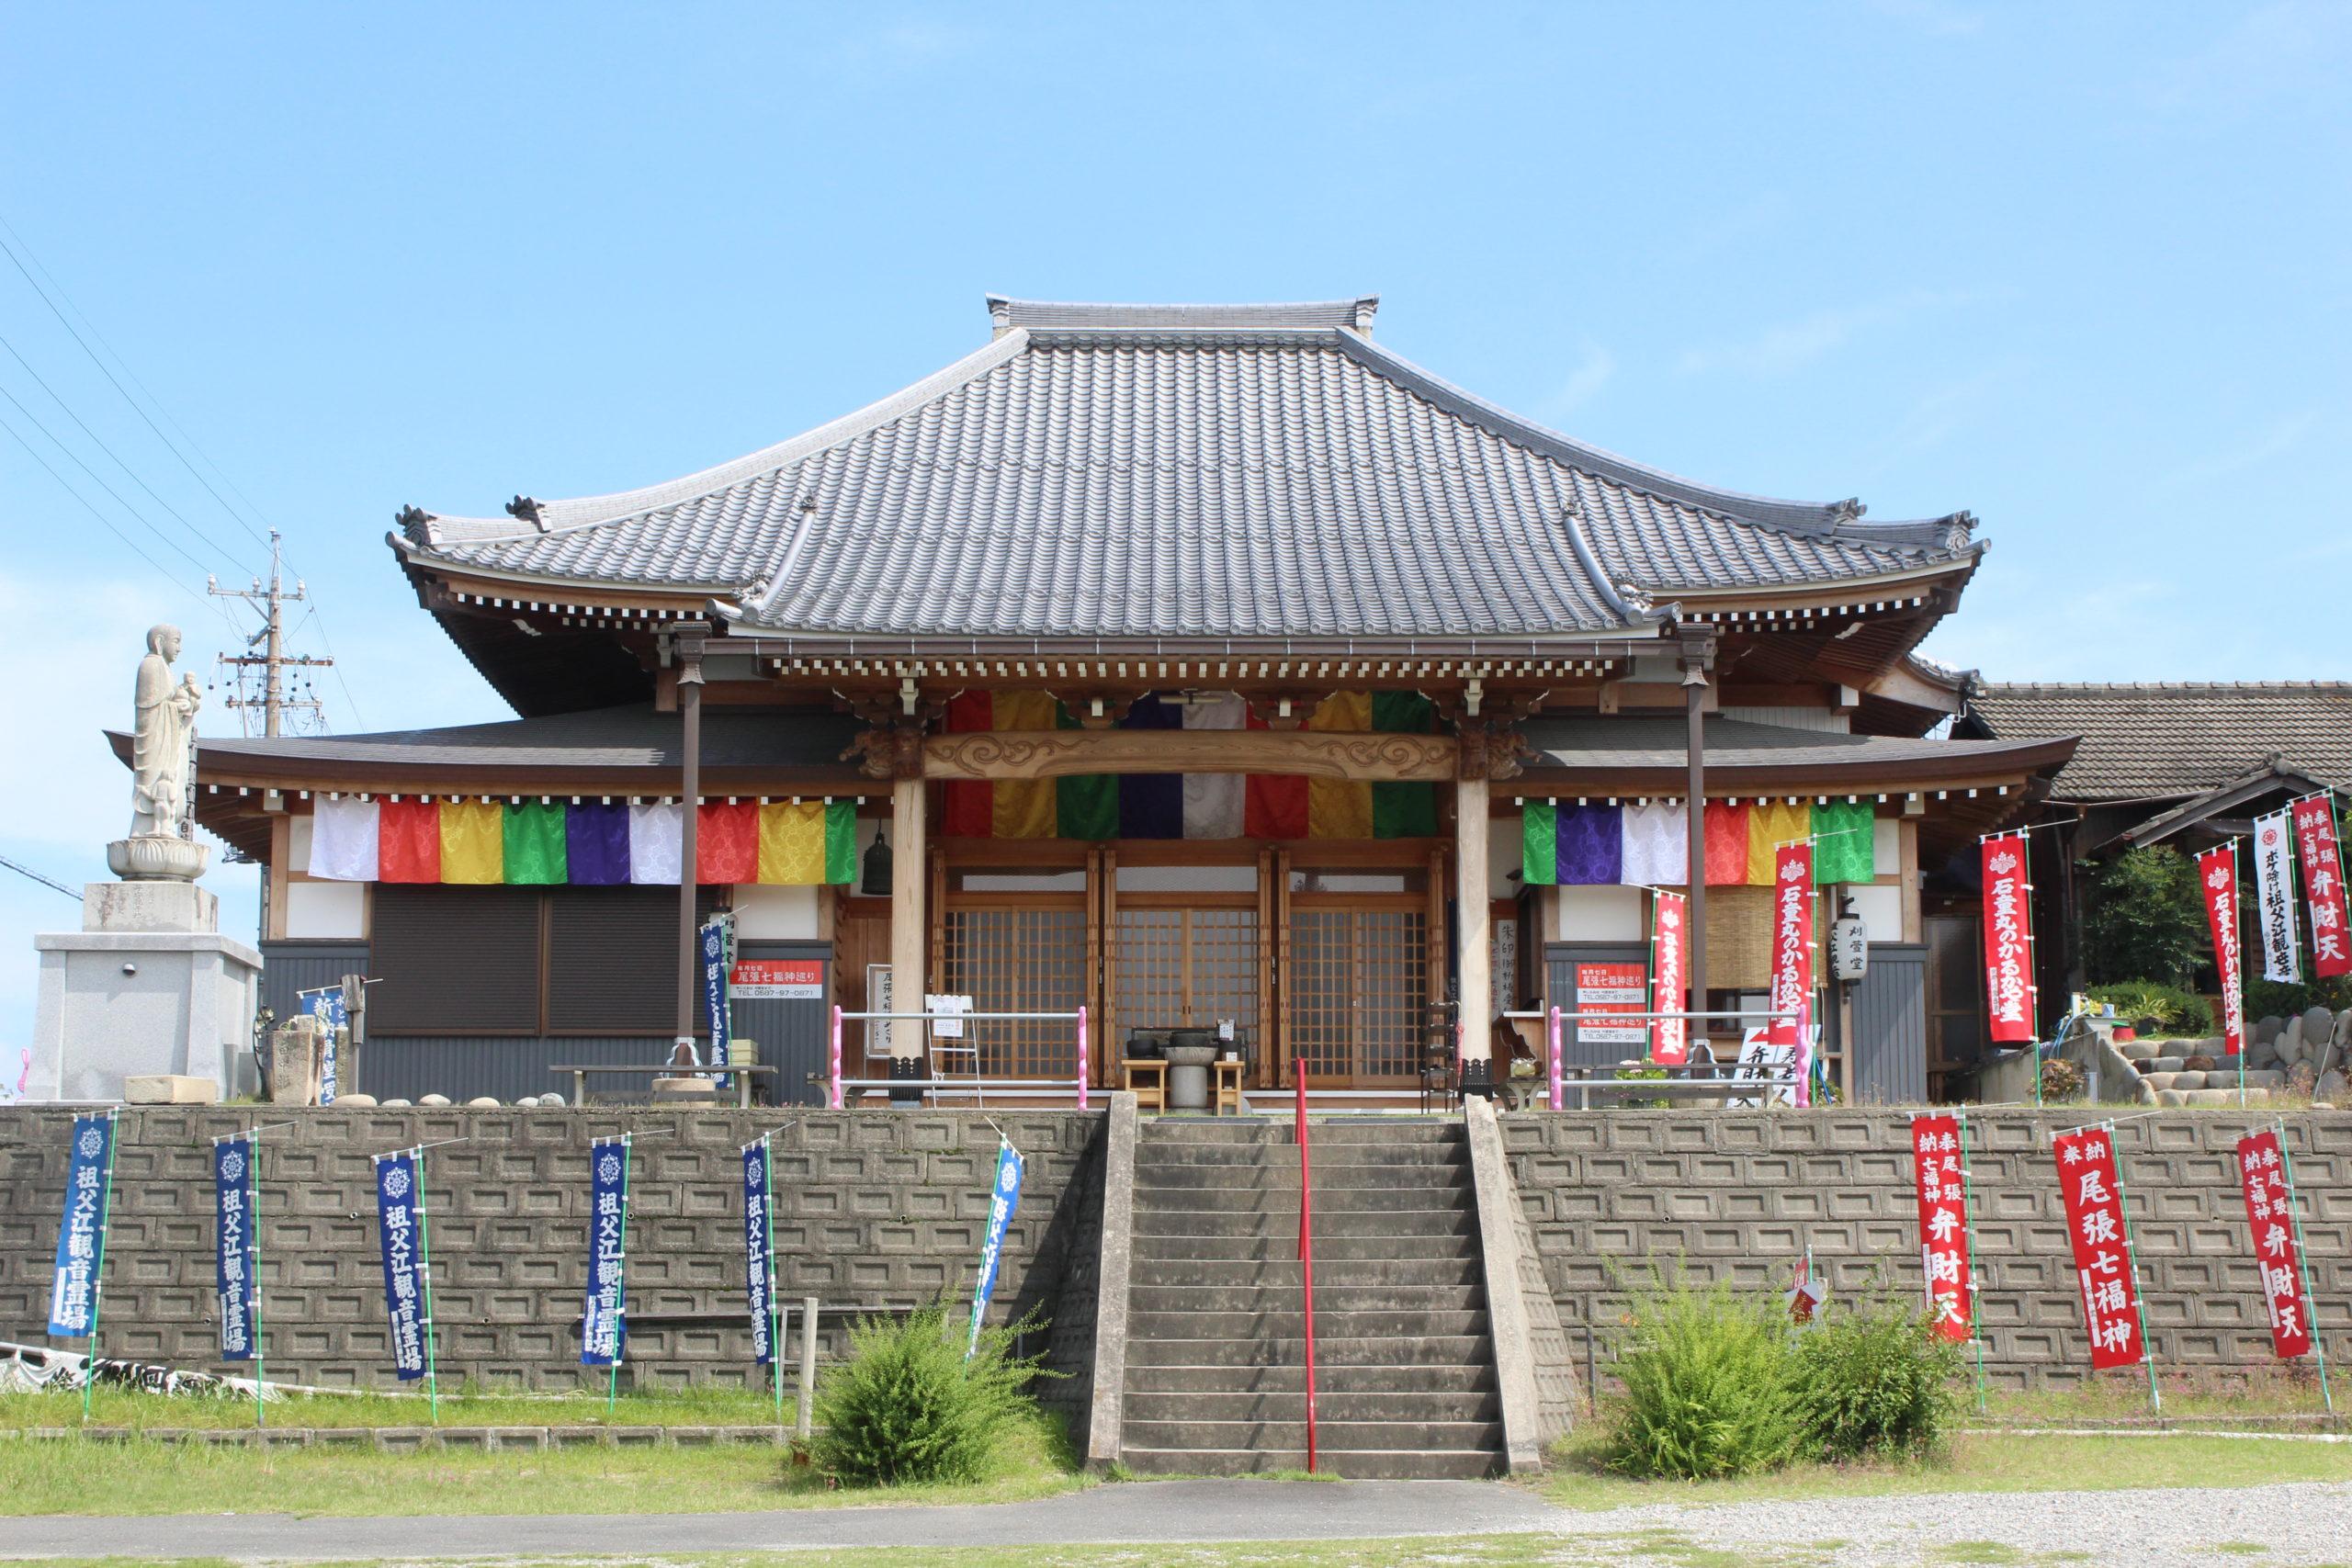 刈萱寺【弁財天】